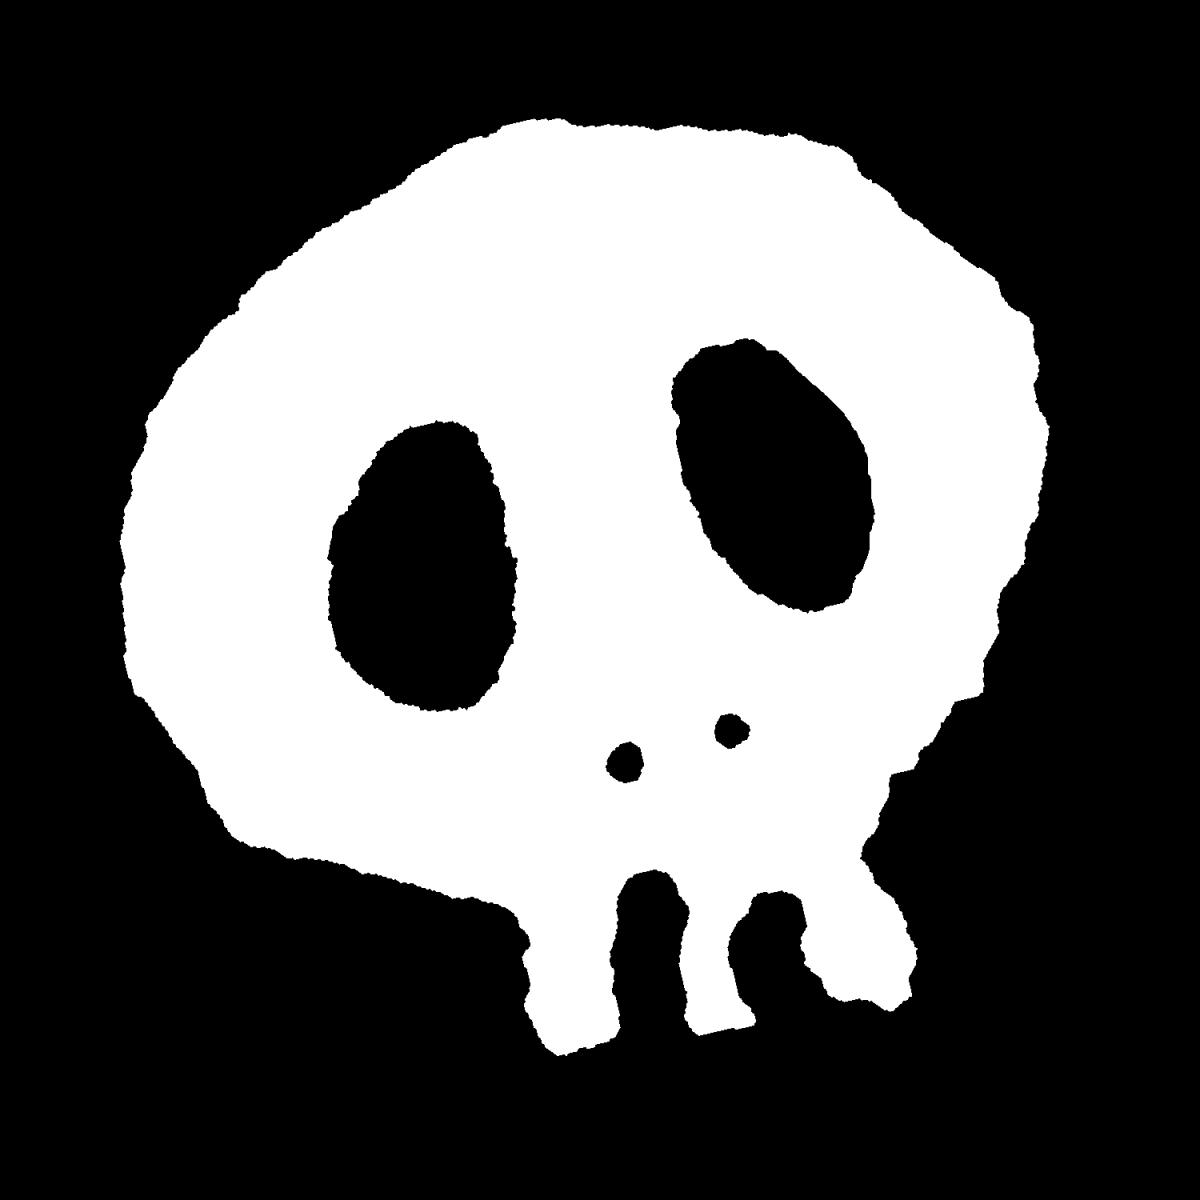 骸骨(ガイコツ)2種のイラスト / Skeleton Illustration